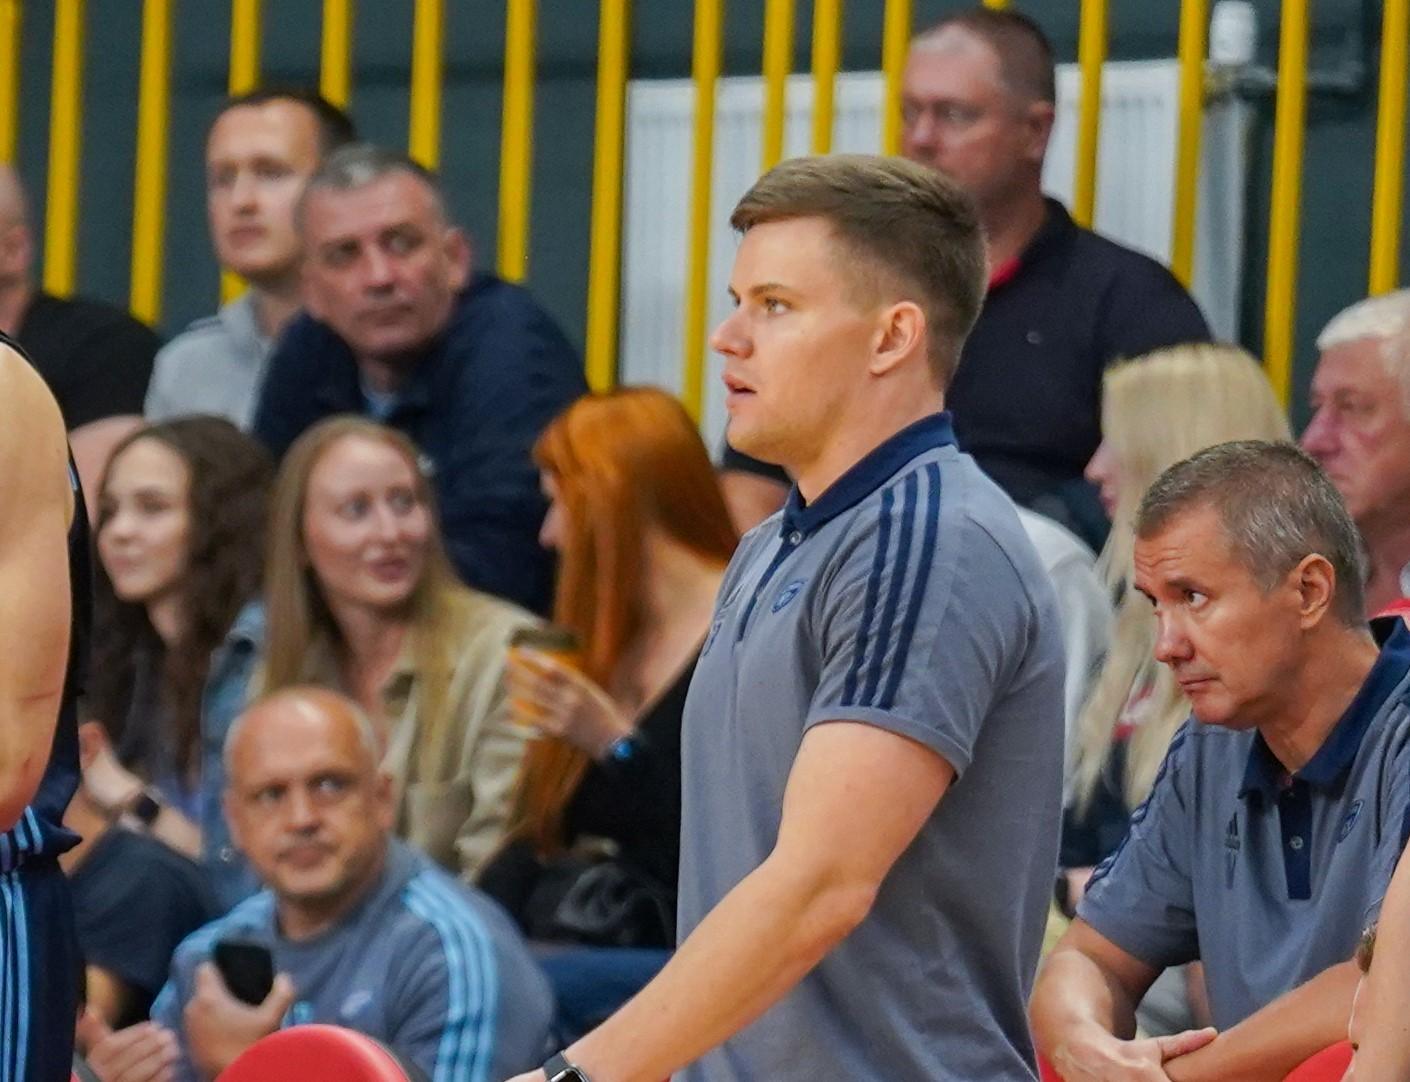 Дмитро Болдаєв: На наступному турнірі Дніпро покаже набагато кращу гру